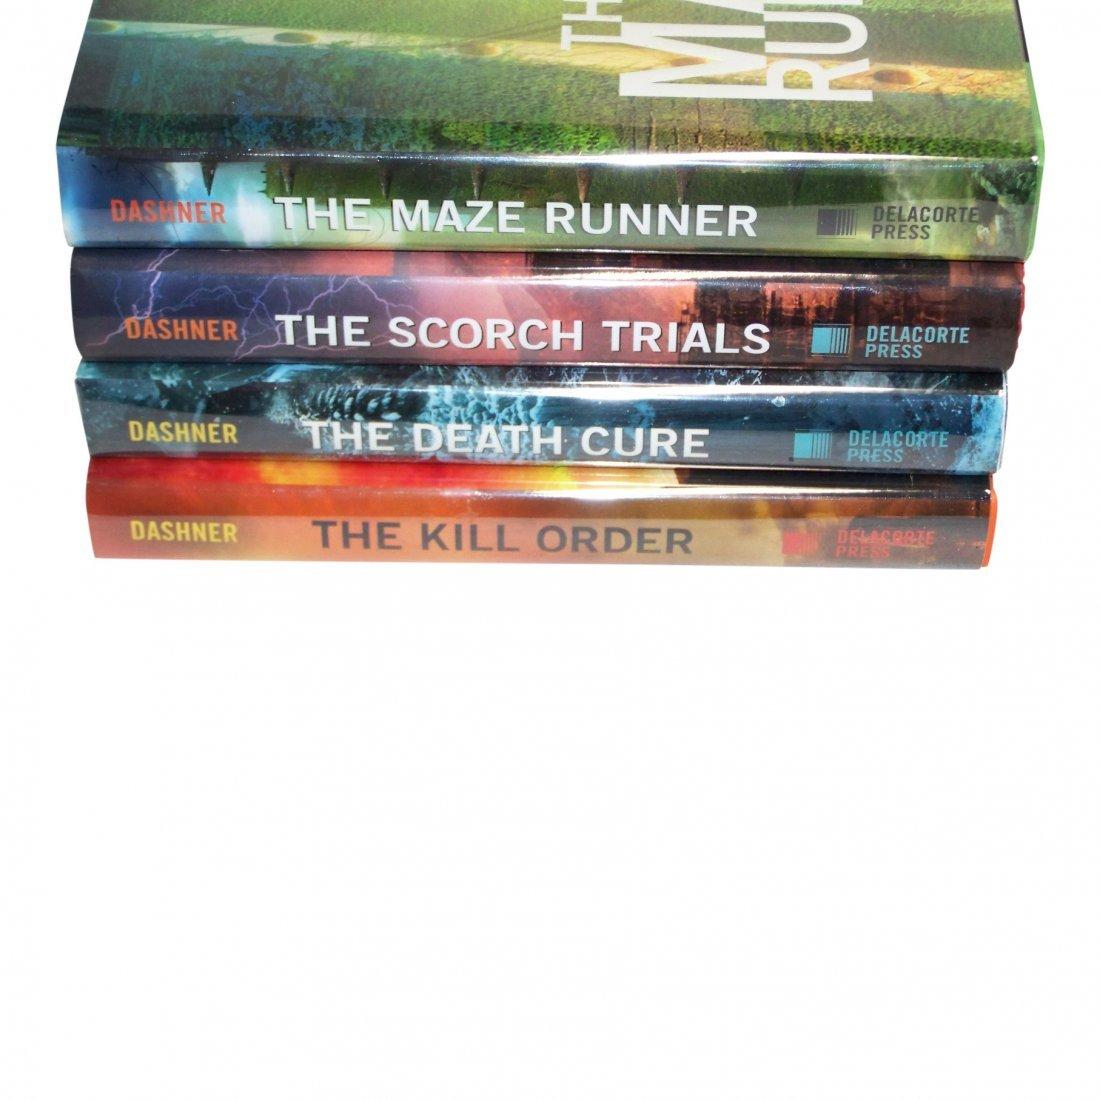 The Maze Runner, Four Volume Set